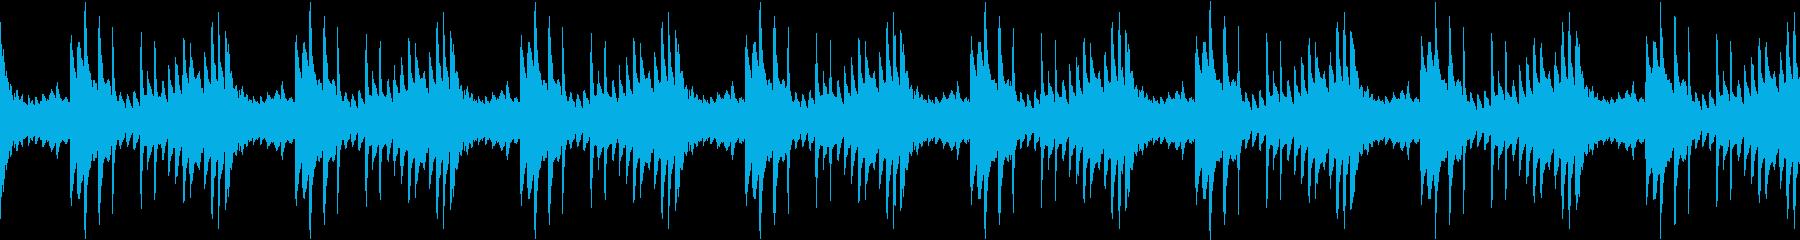 素朴で優しげな企業映像向けピアノの再生済みの波形